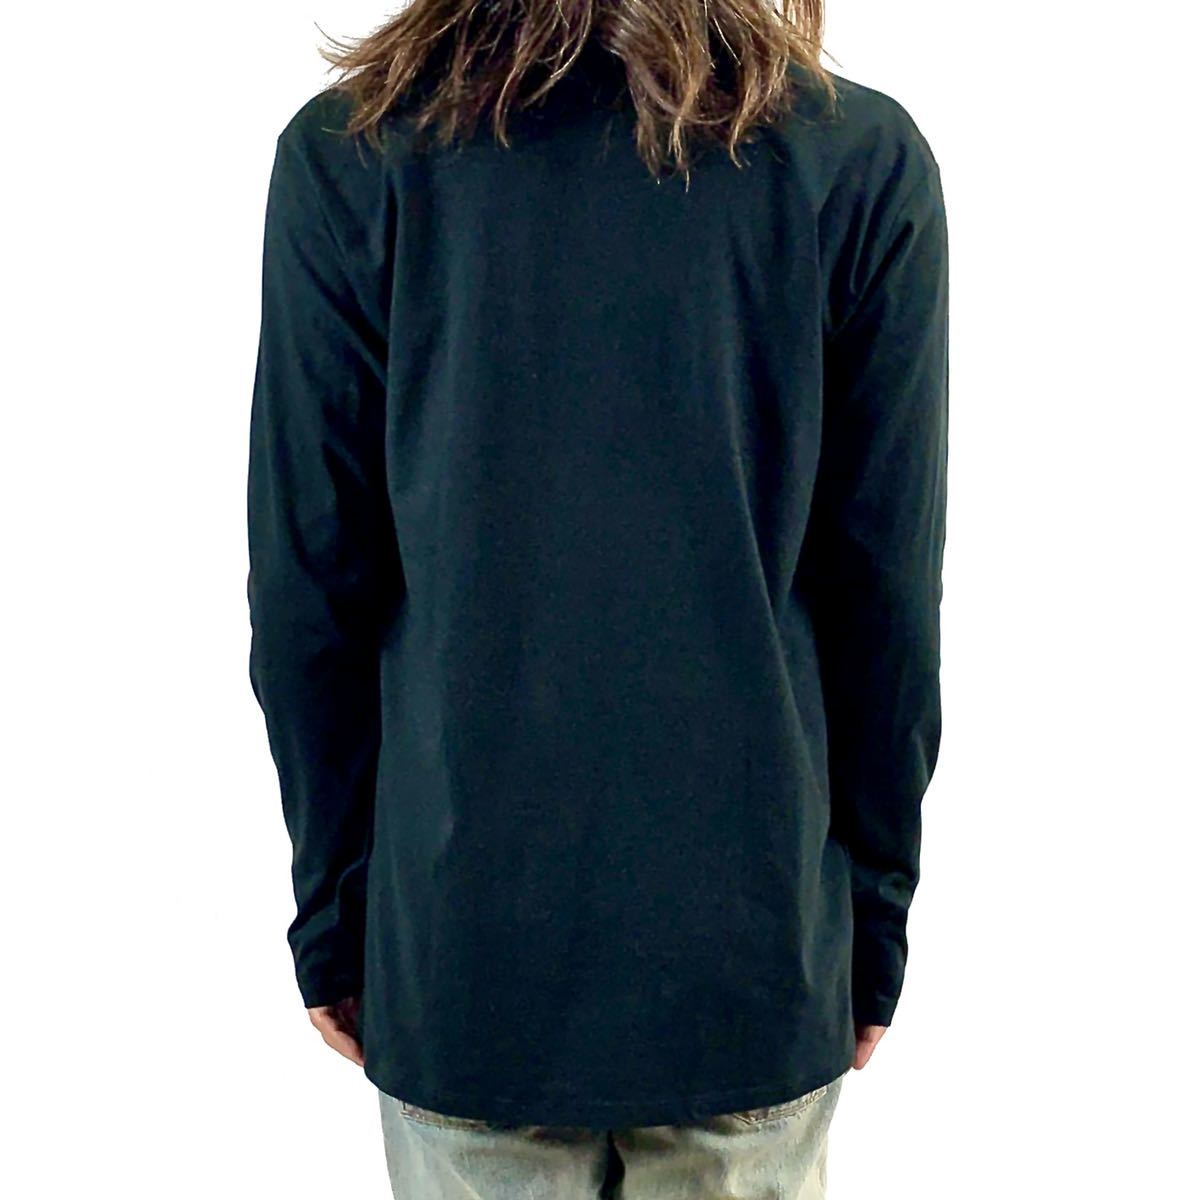 新品 ジミーペイジ レッドツェッペリン ギタリスト ロック バンド 黒 ロンT 長袖 Tシャツ XS S M L XL ビッグ オーバー サイズ XXL~4XL 可_画像4